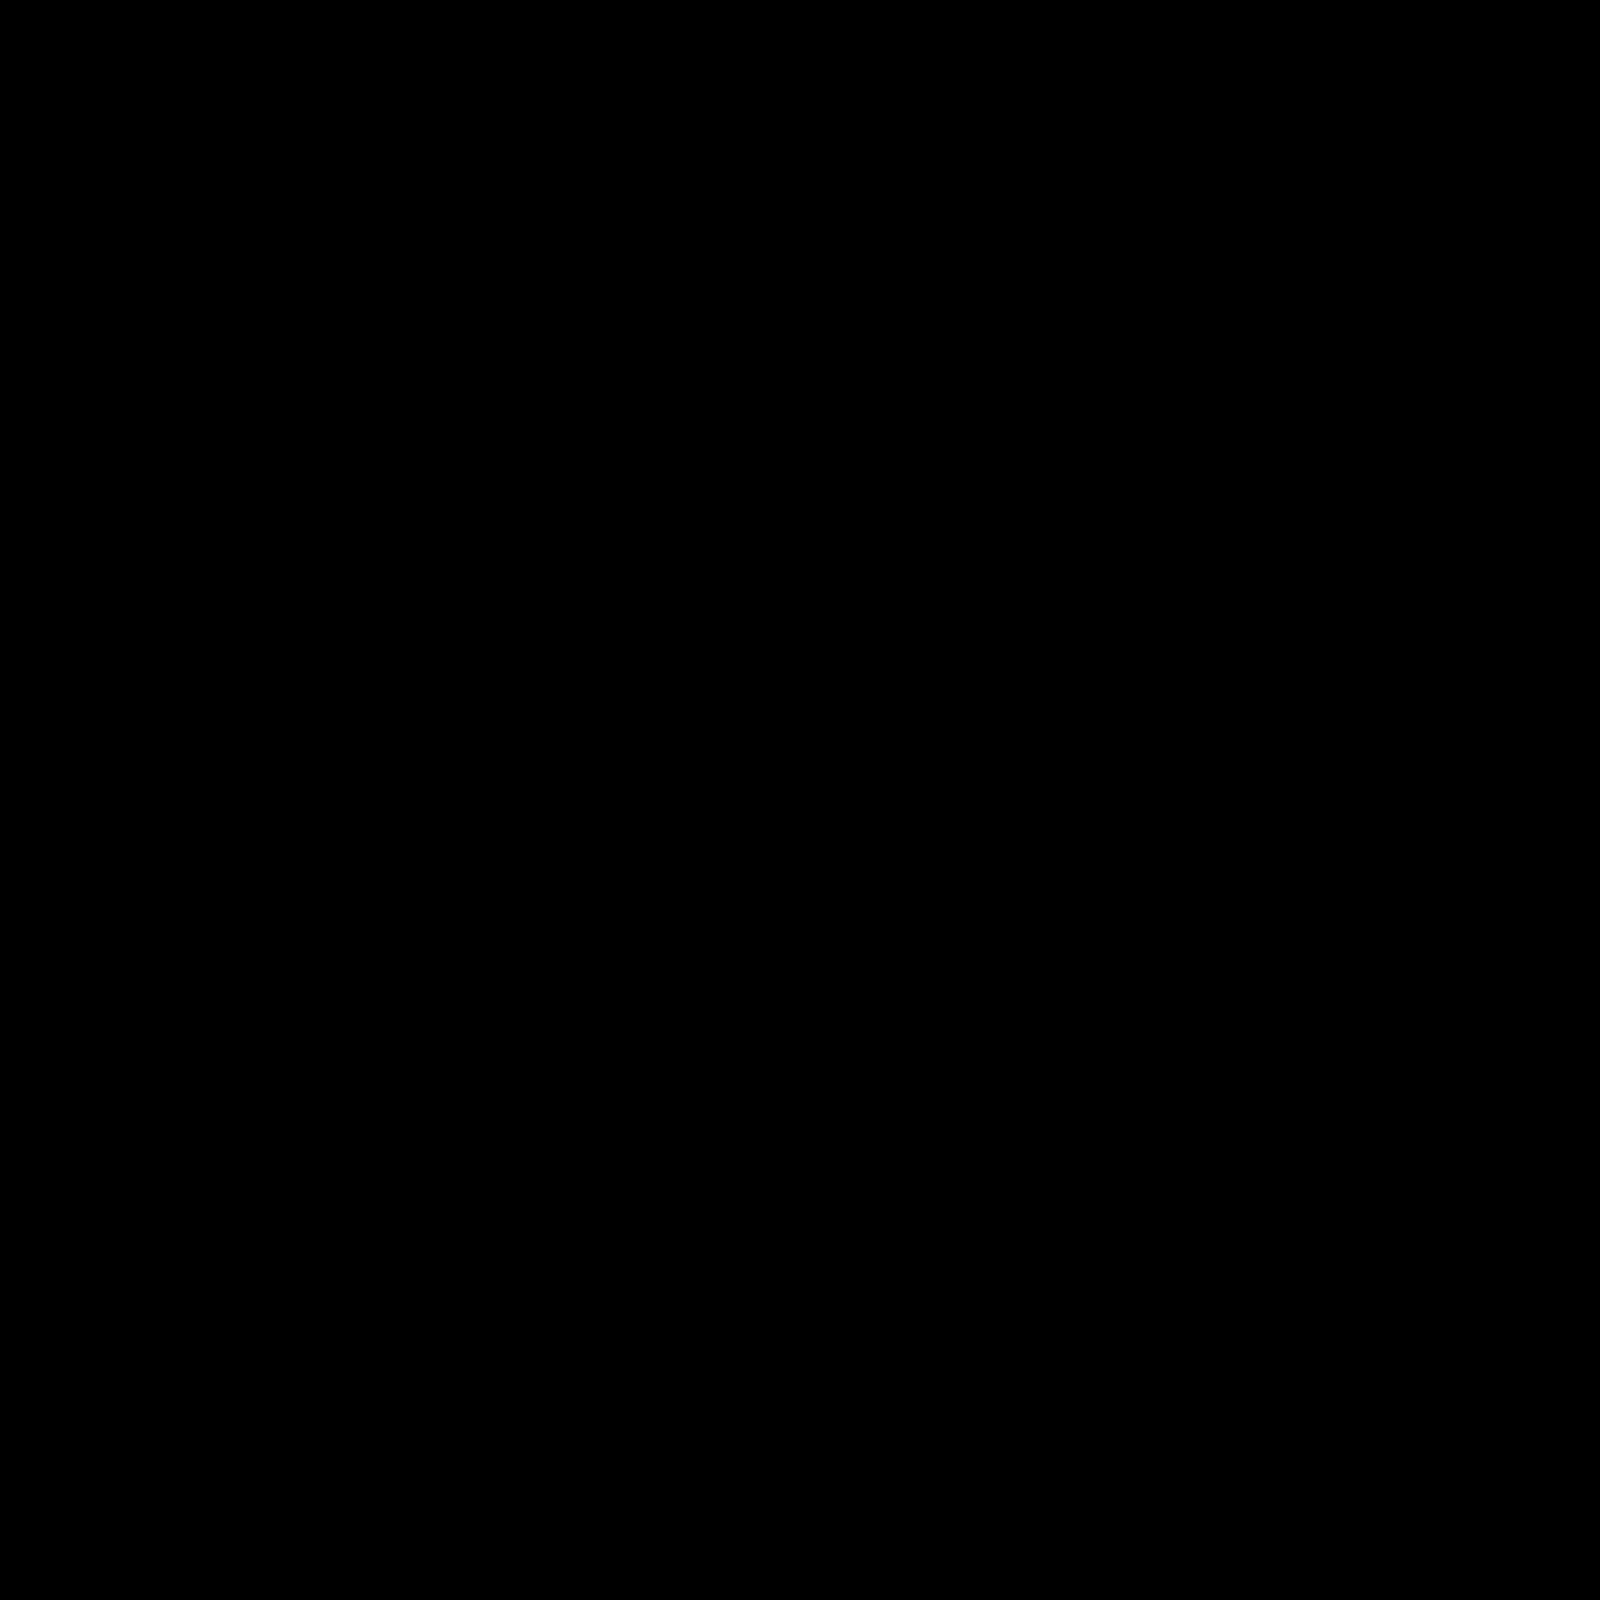 Resultado de imagen para address icon